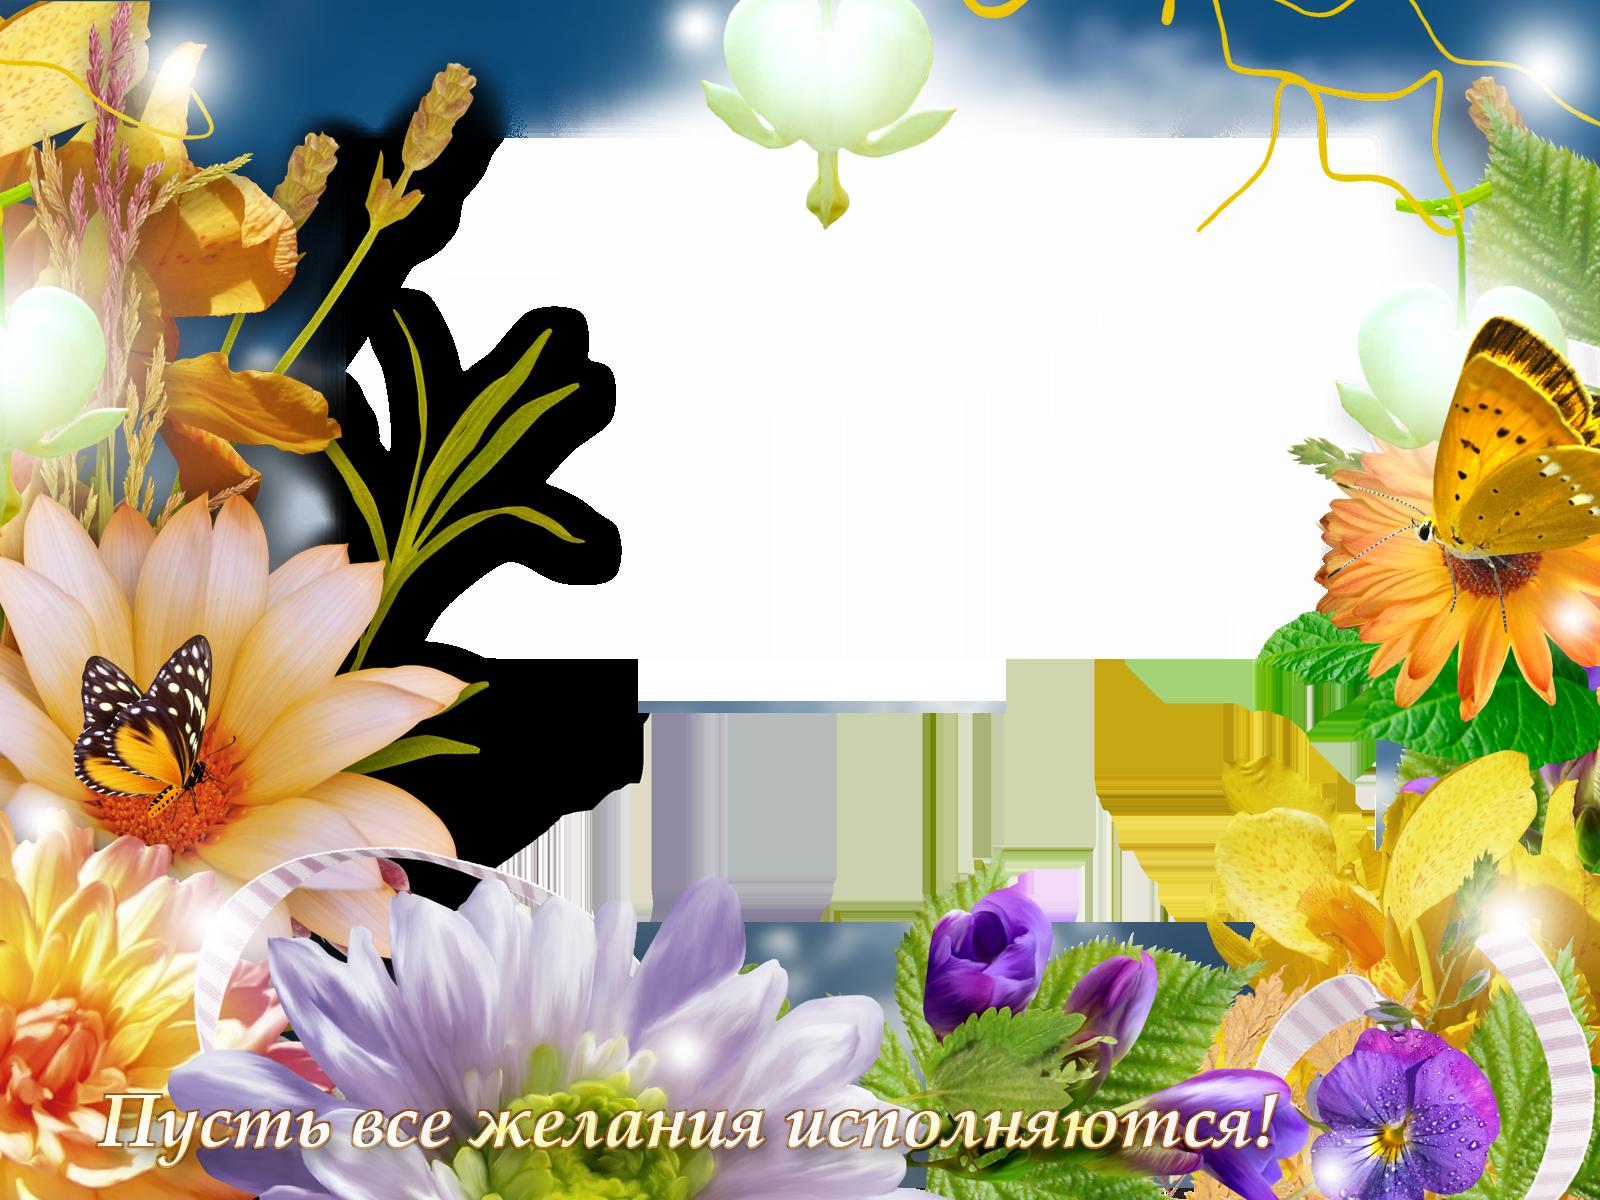 Фоторамка Пусть все желания исполняются Фоторамка для фотошопа, PNG шаблон. Открытка с фотографией, открытка для исполнения желаний, фоторамка с цветами. Пусть все желания исполняютя!